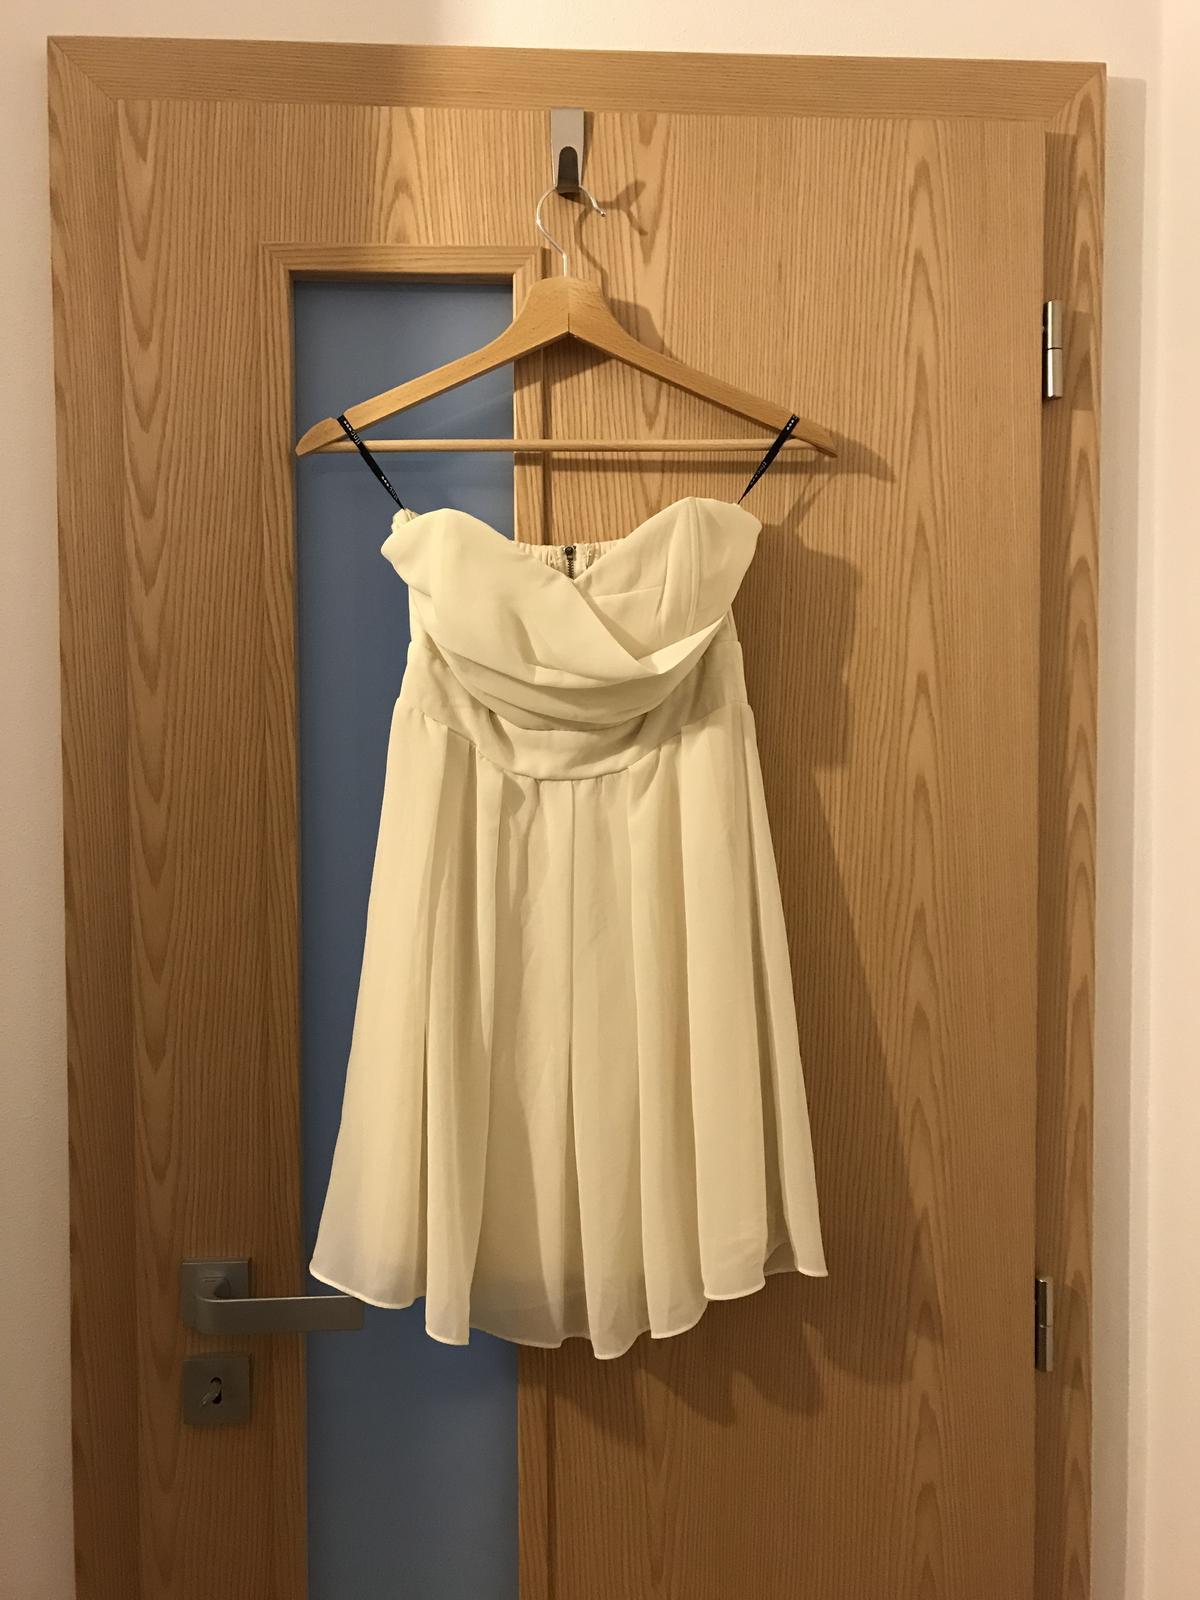 Krátke šaty bez ramienok - Obrázok č. 2